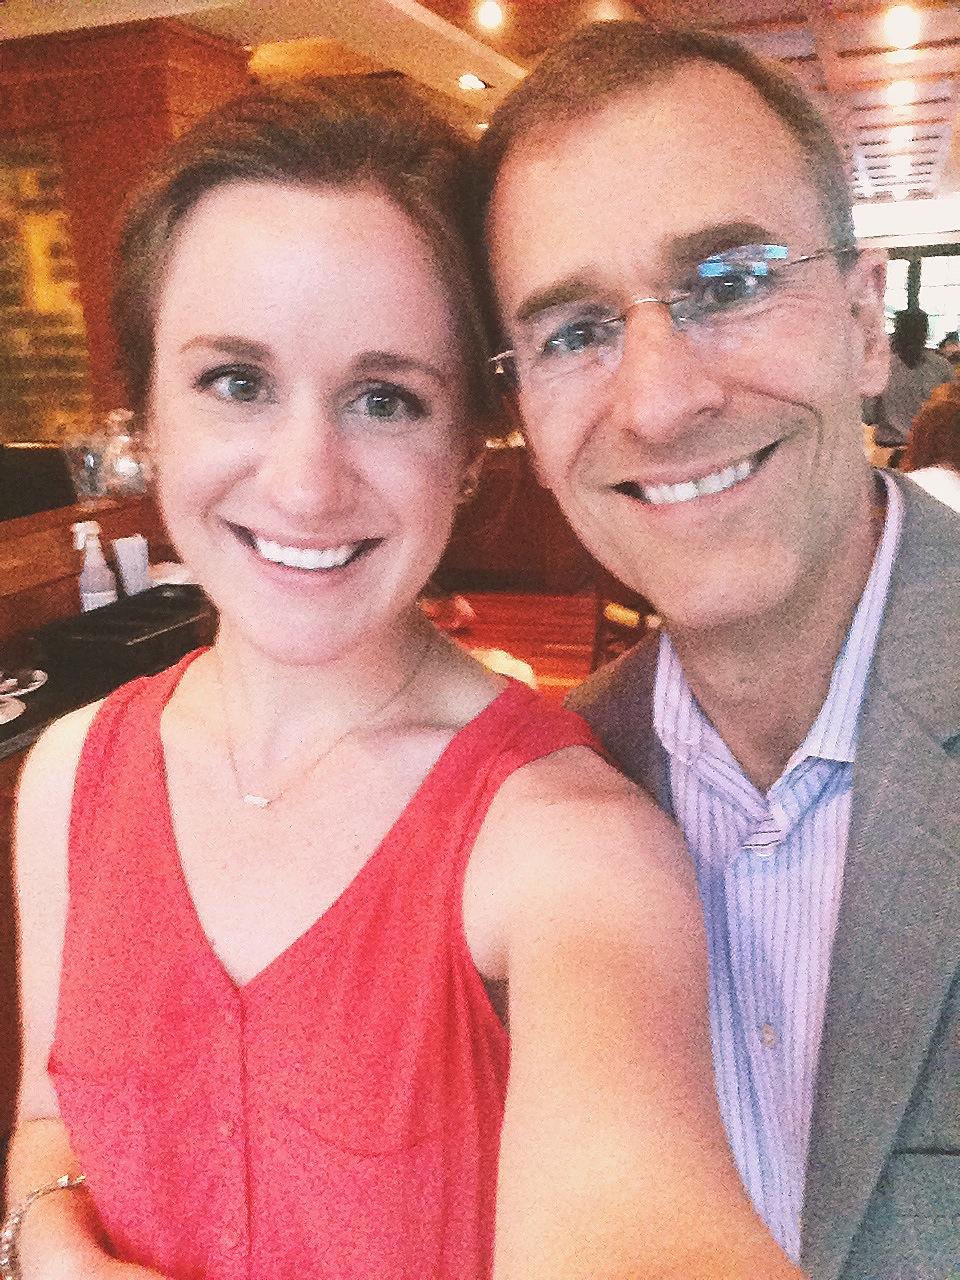 Happy 54th Dad! Love you!